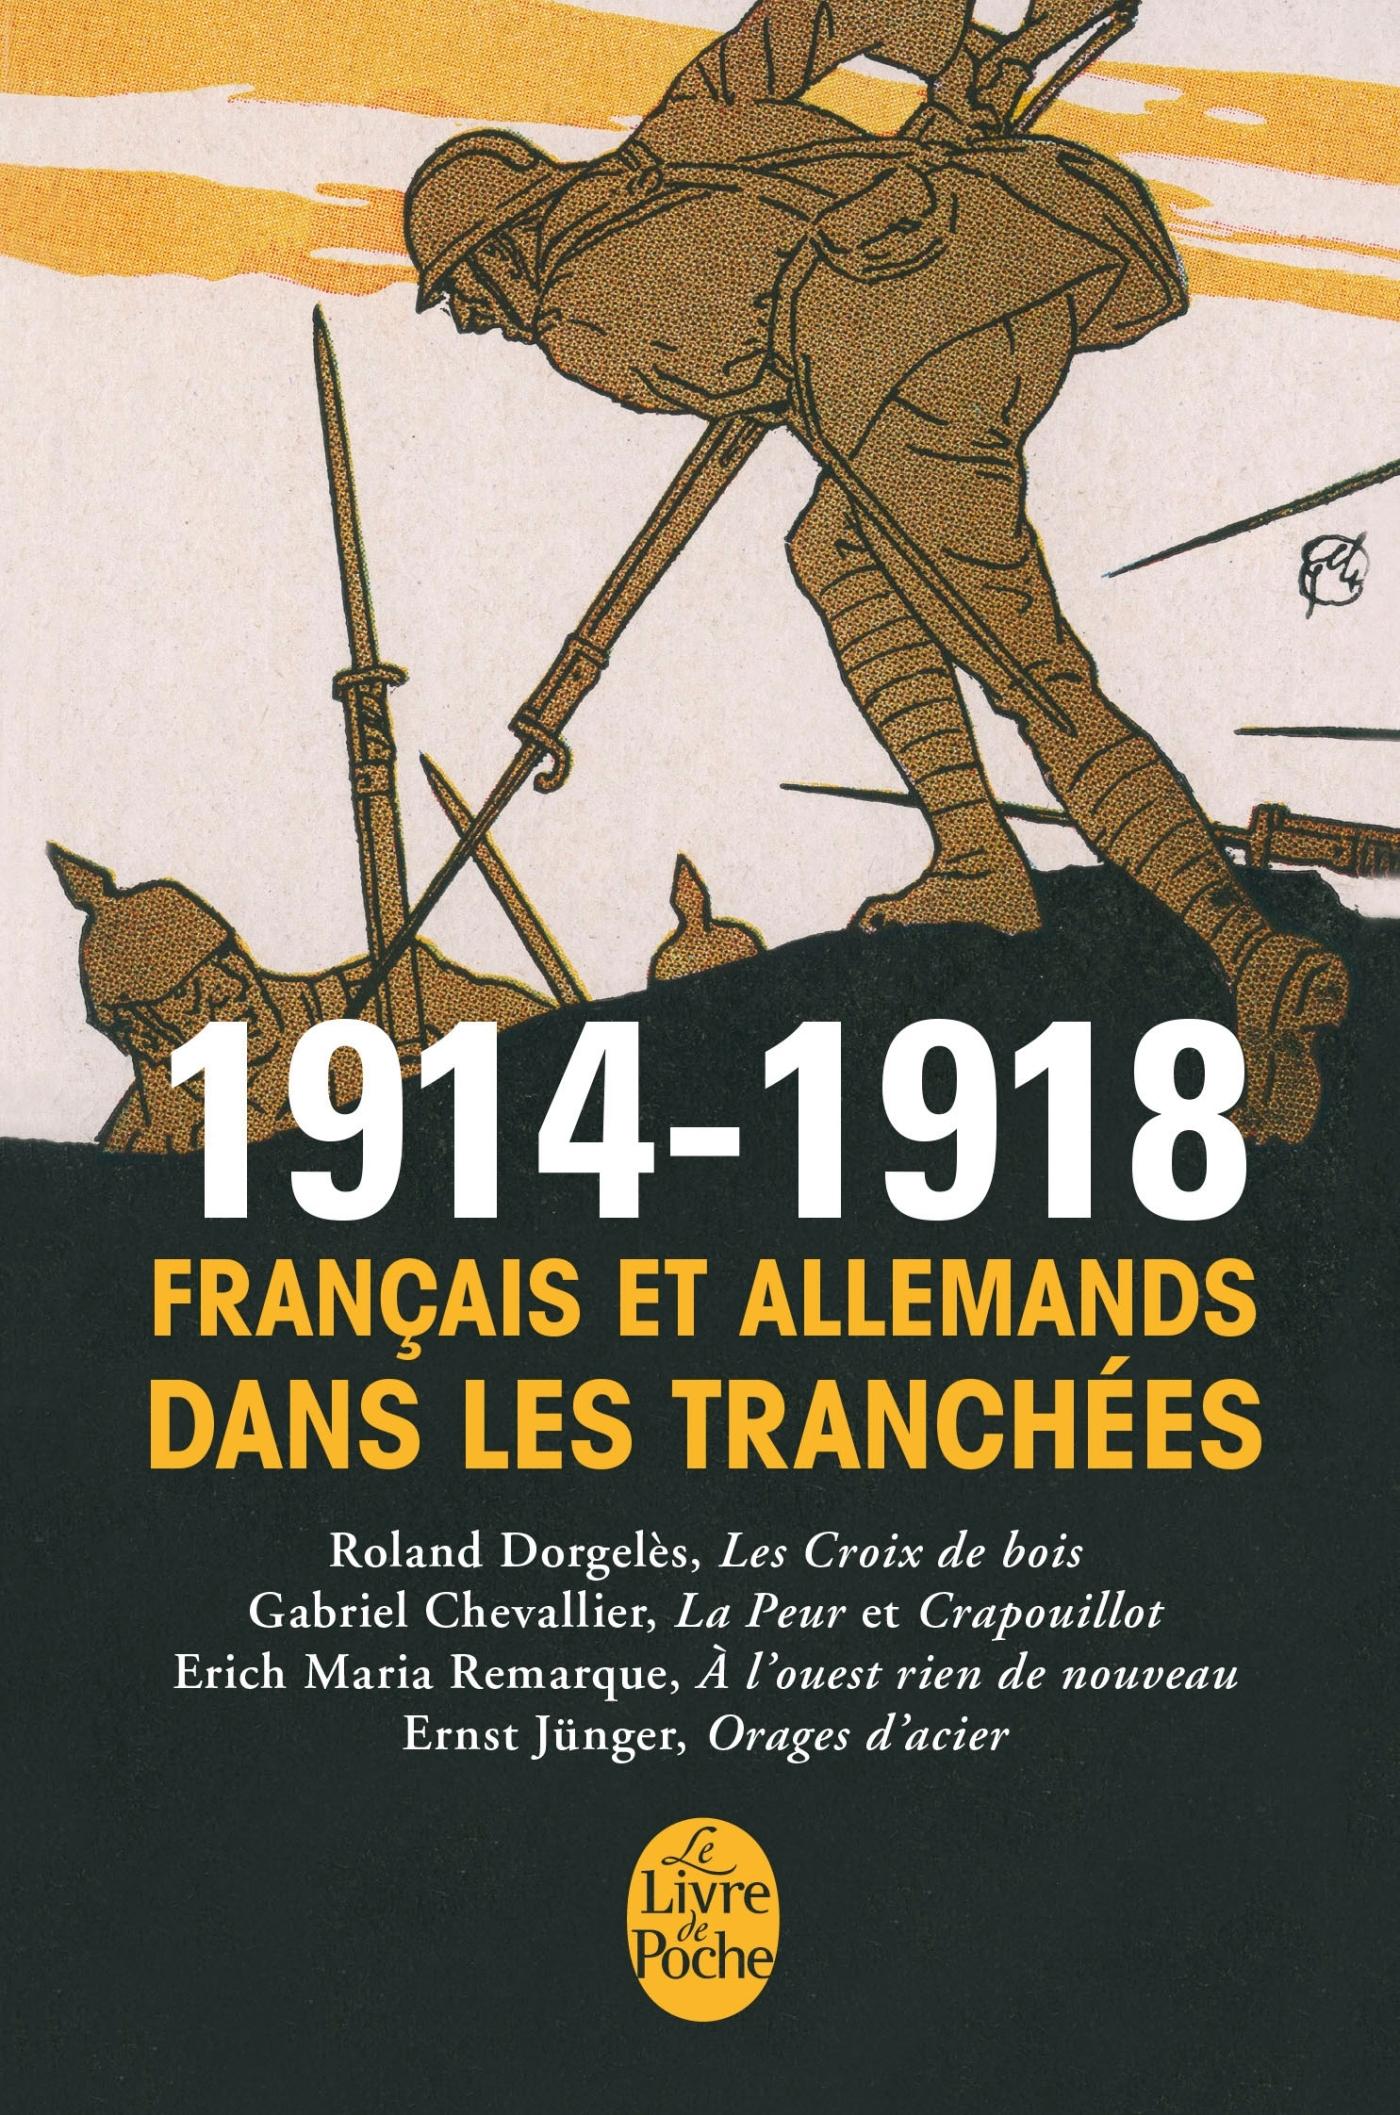 1914-1918 FRANCAIS ET ALLEMANDS DANS LES TRANCHEES LES PLUS GRANDS ROMANS